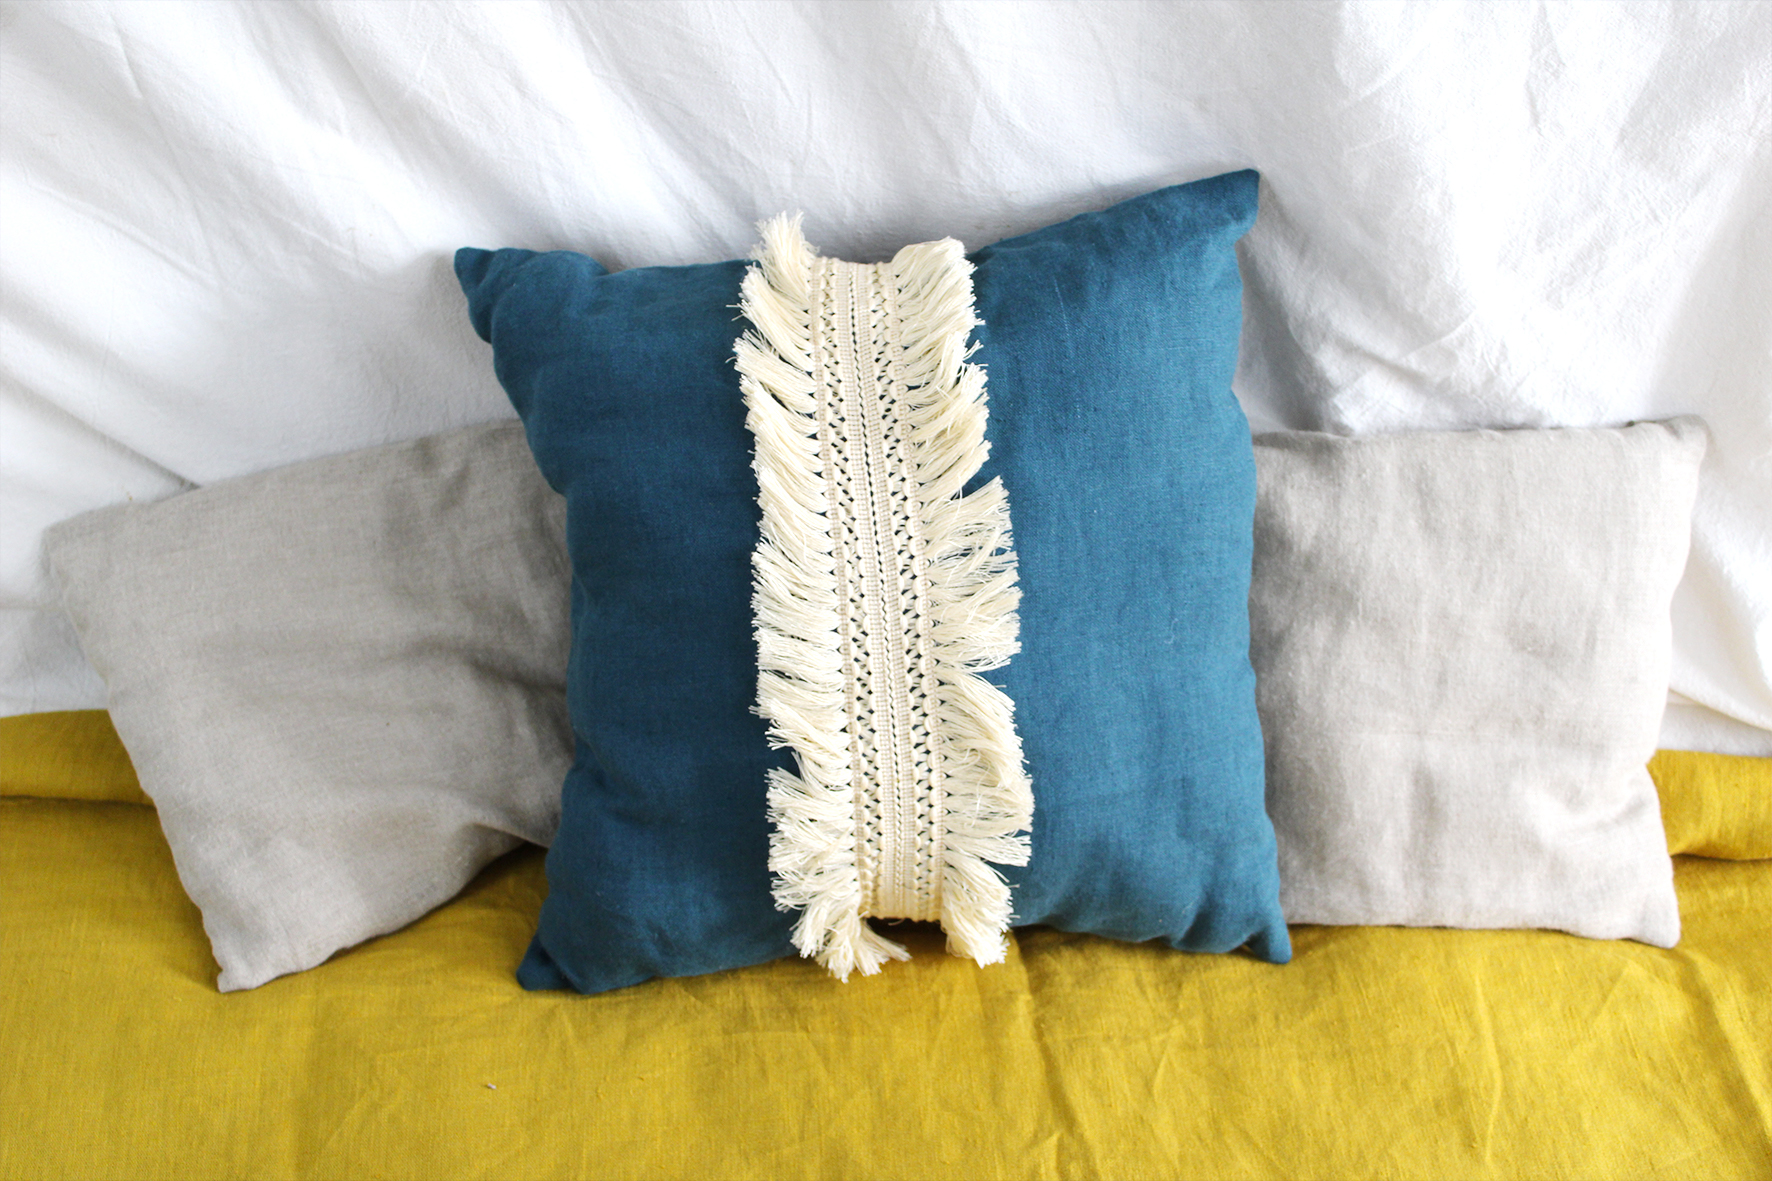 coussins décoratifs en lin lavé